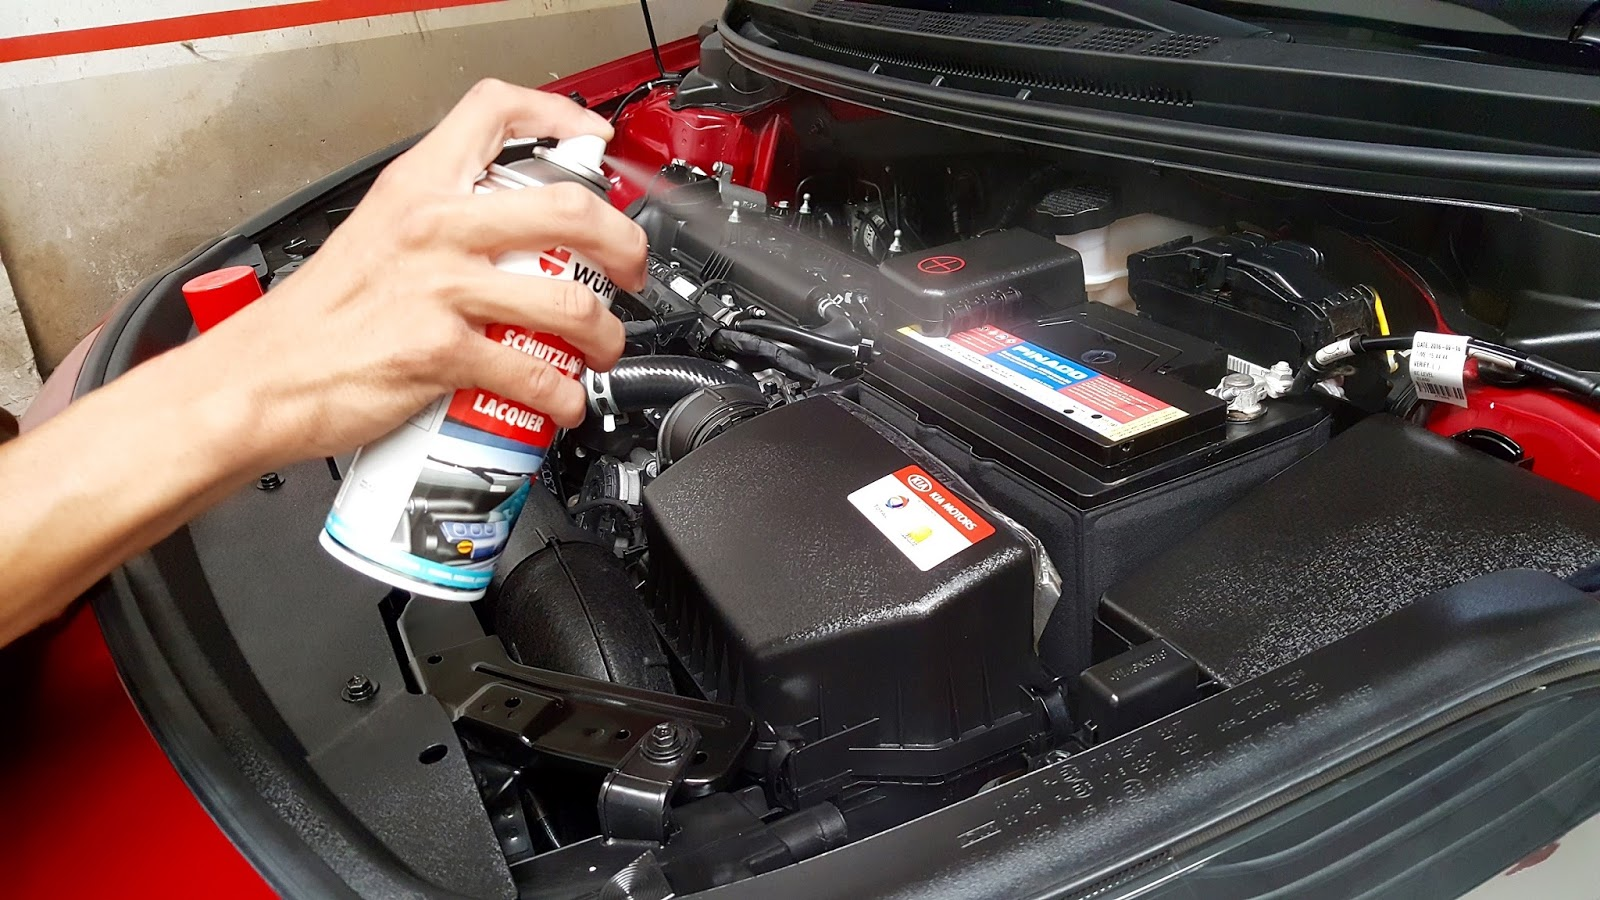 Kết quả hình ảnh cho rửa máy ô tô